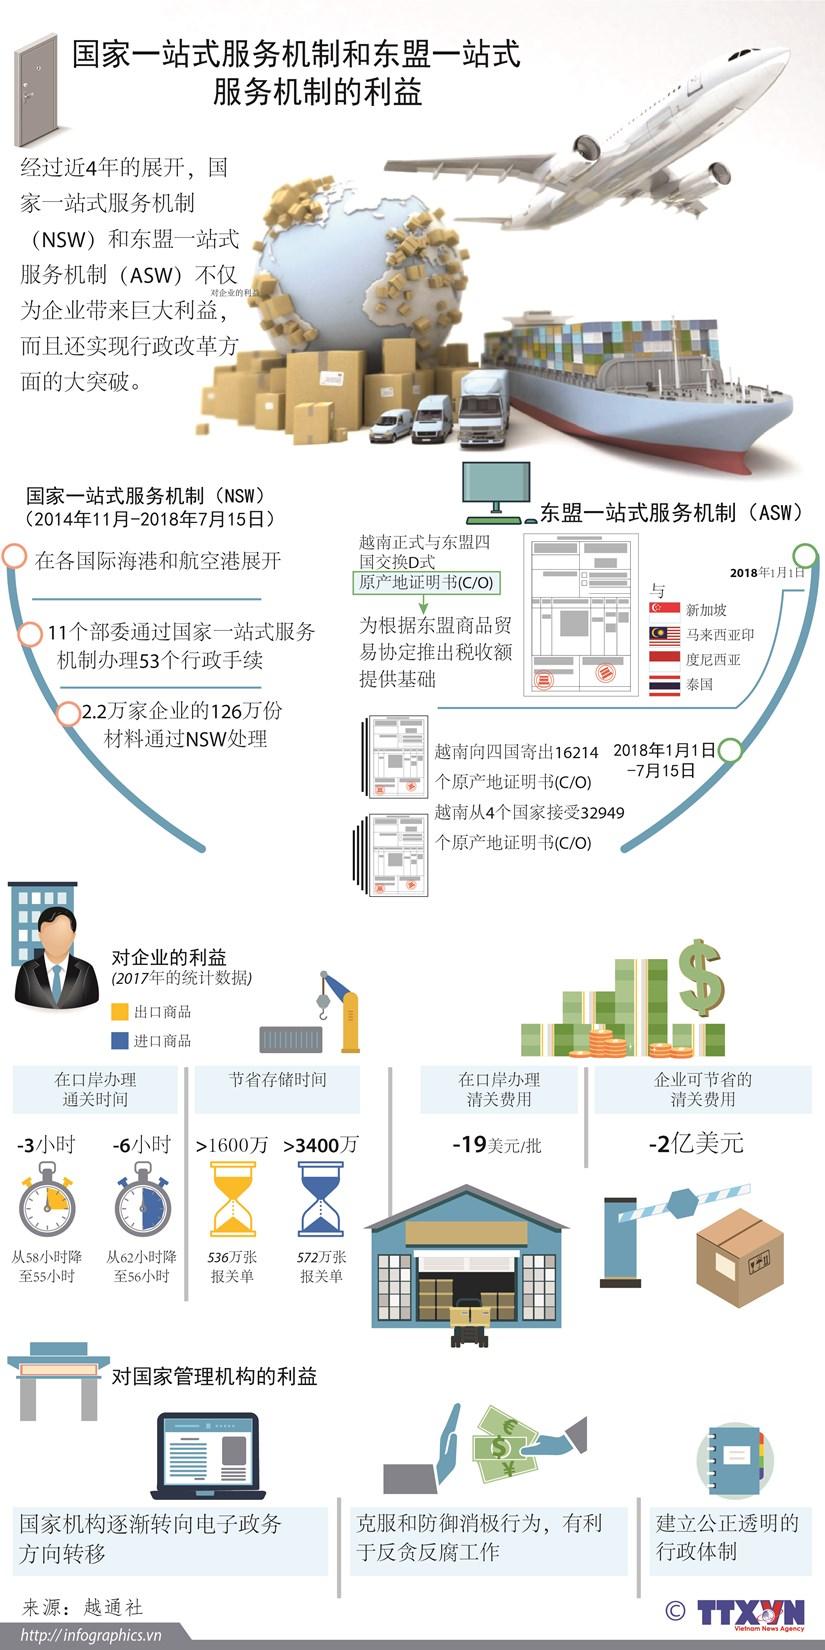 图表新闻:国家一站式服务机制和东盟一站式服务机制的利益 hinh anh 1